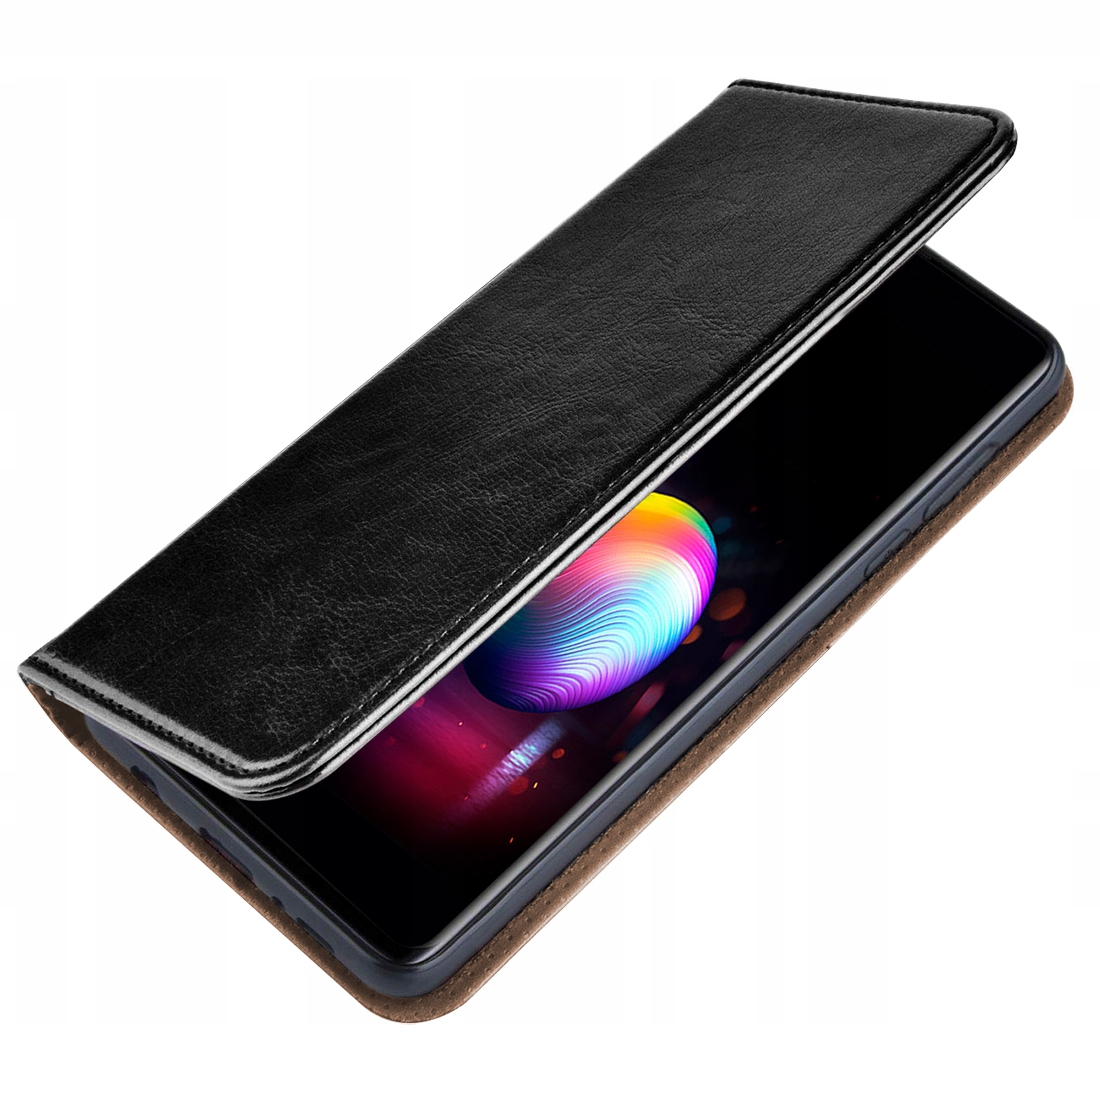 Etui do Samsung Galaxy M31S Skórzane Portfel Szkło Dedykowany model Galaxy M31s